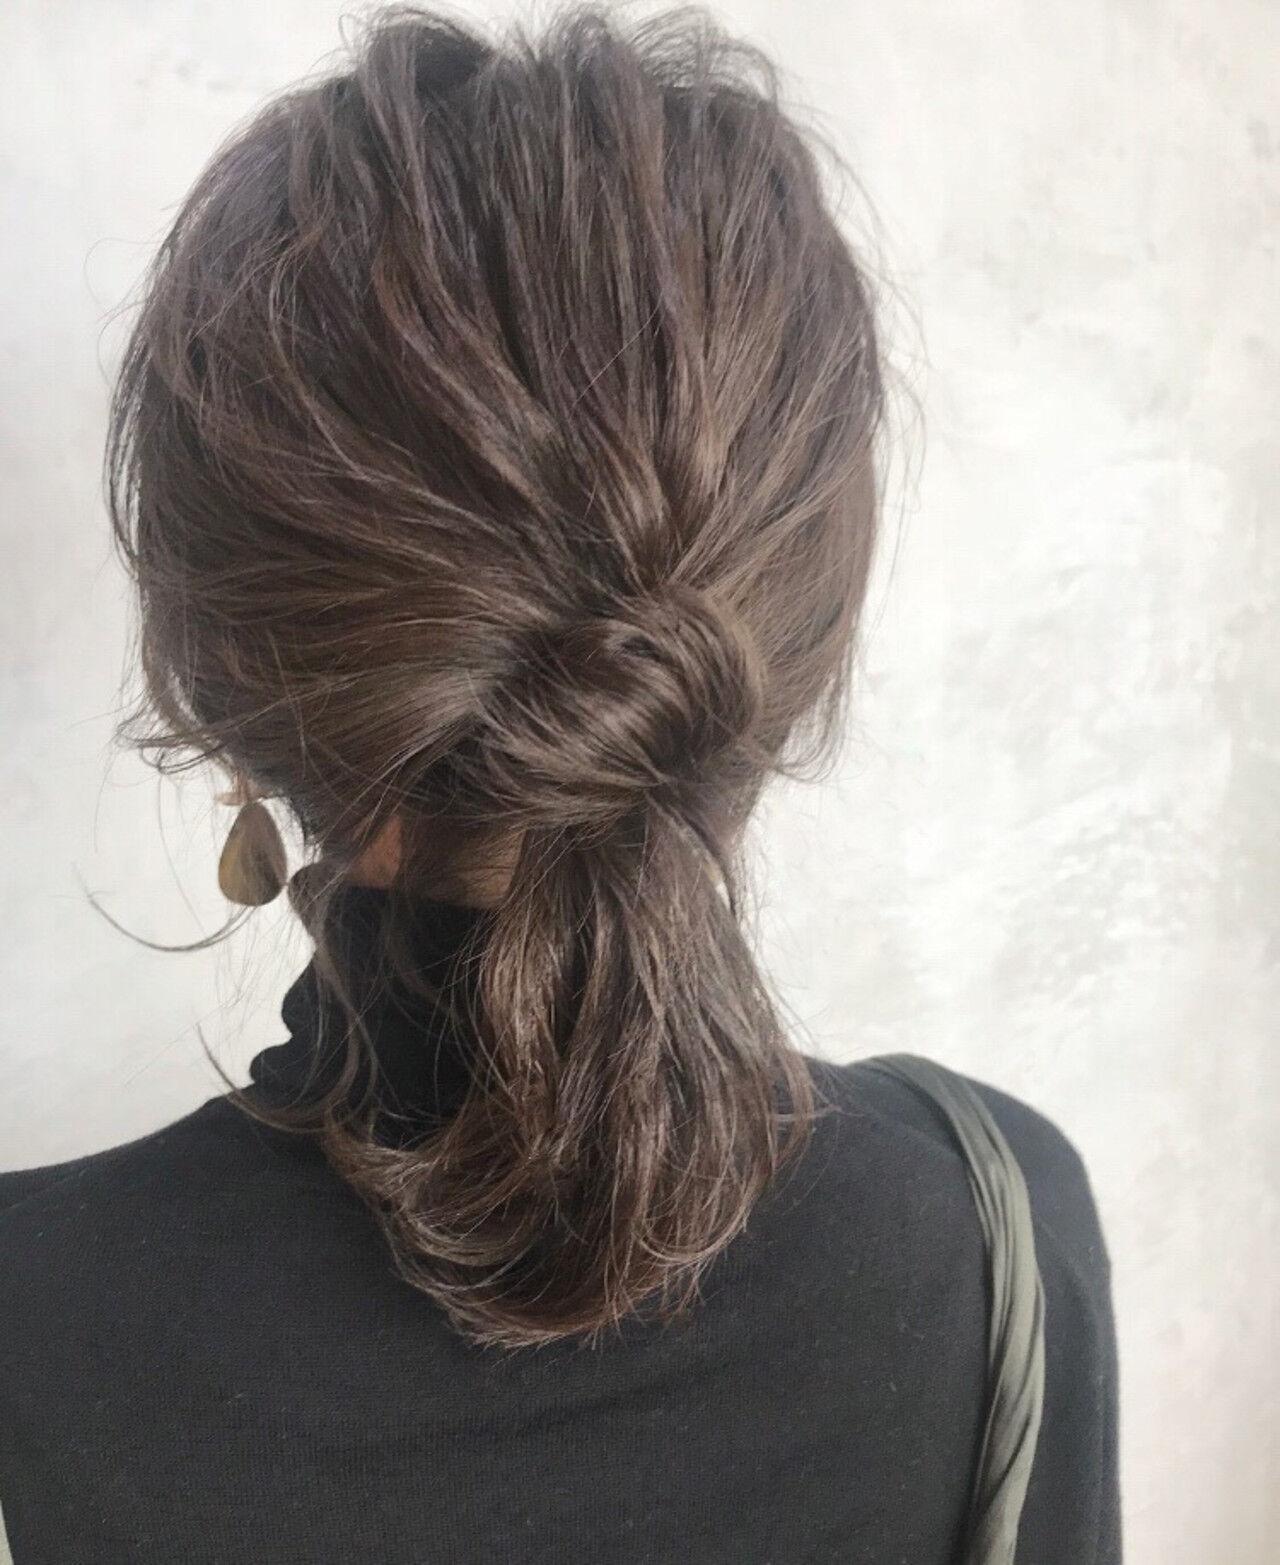 簡単ヘアアレンジ ミディアム 結婚式 アンニュイほつれヘアヘアスタイルや髪型の写真・画像